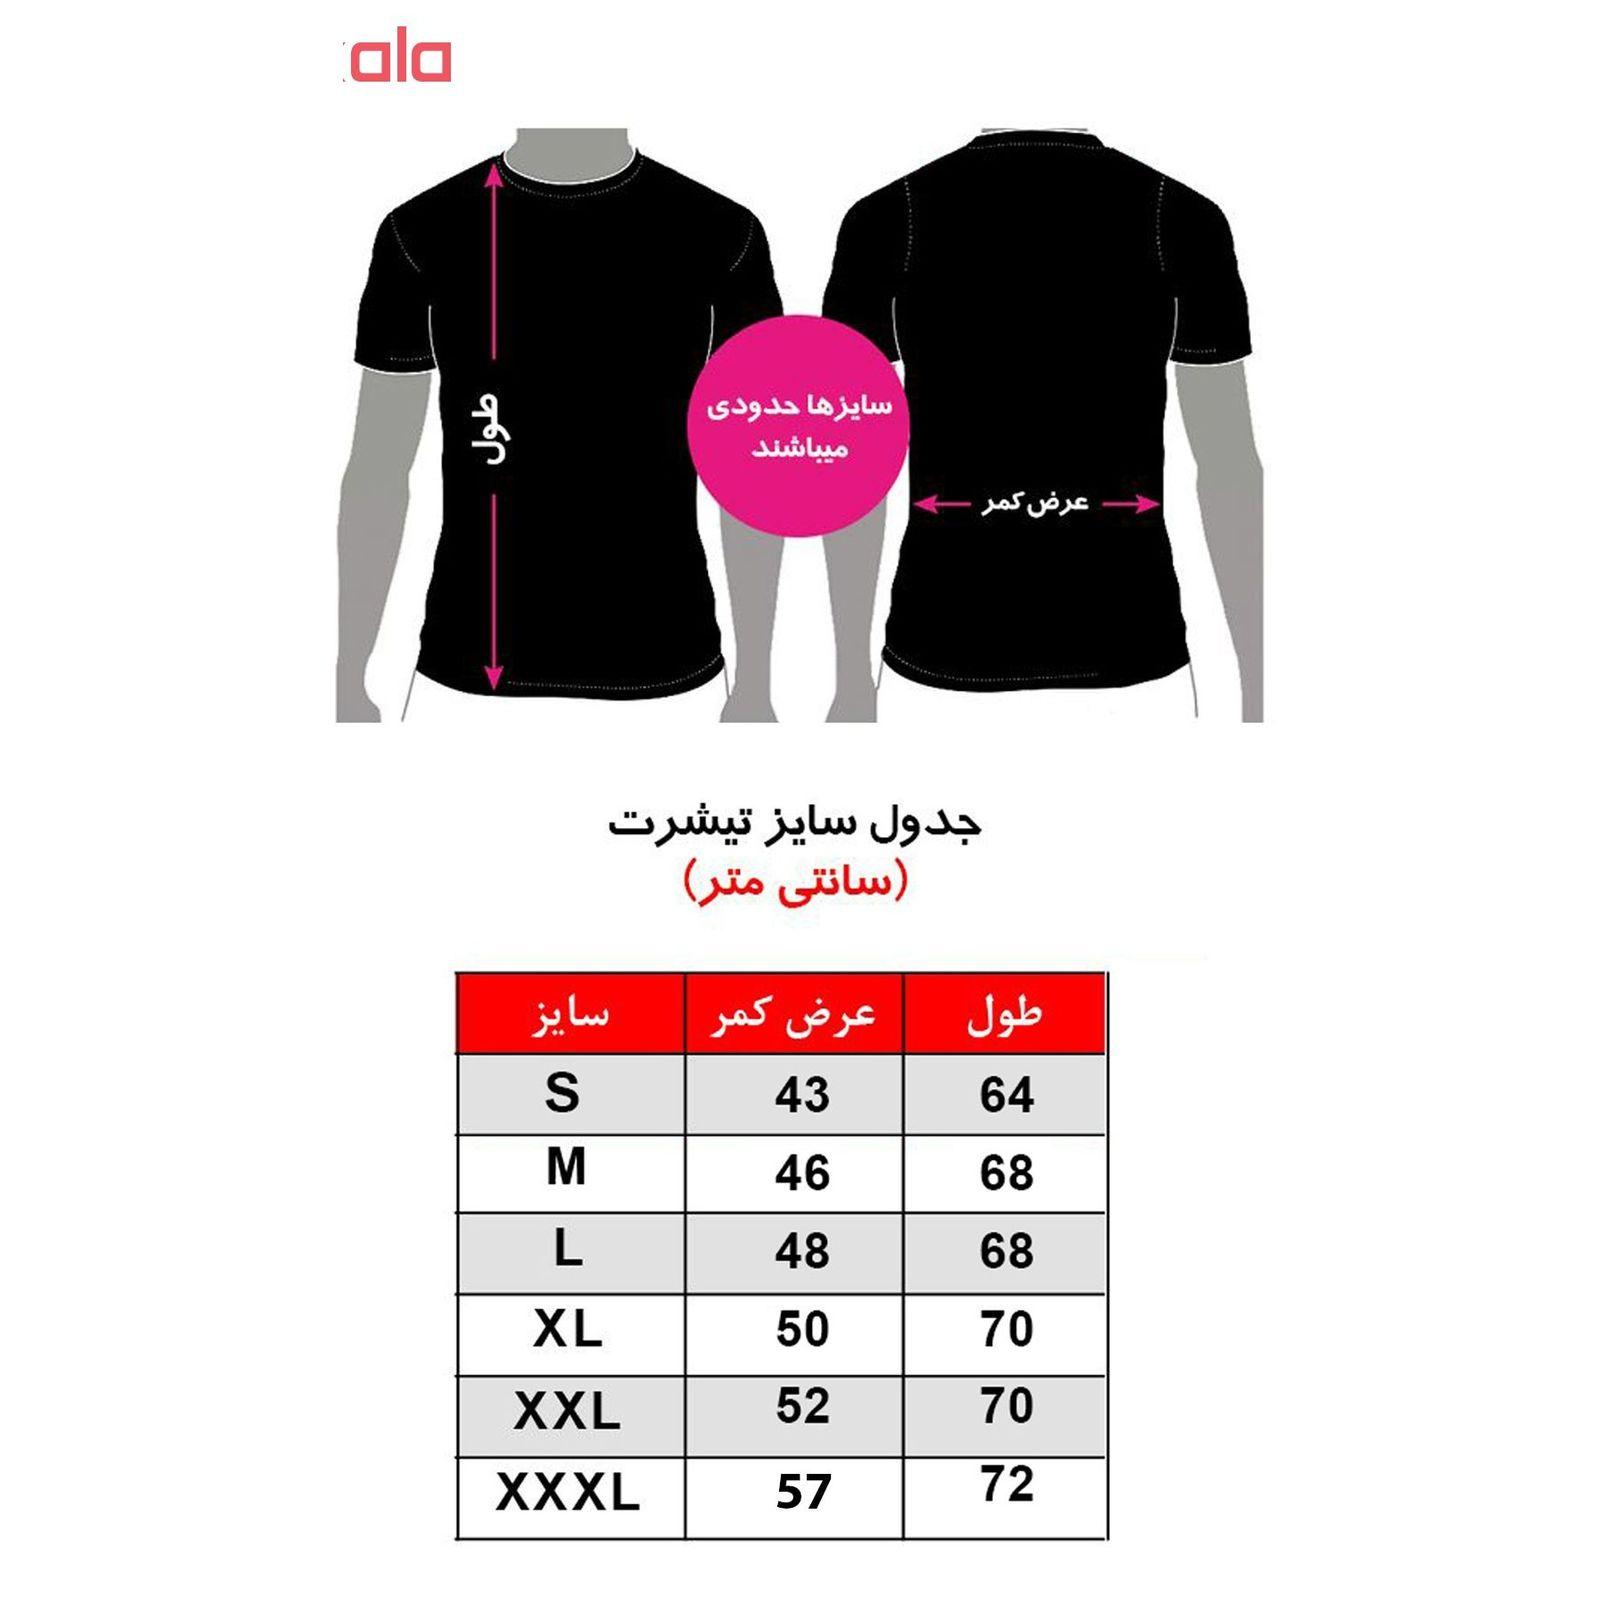 تی شرت مردانه طرح شیکاگو بولز کد 34371 main 1 2